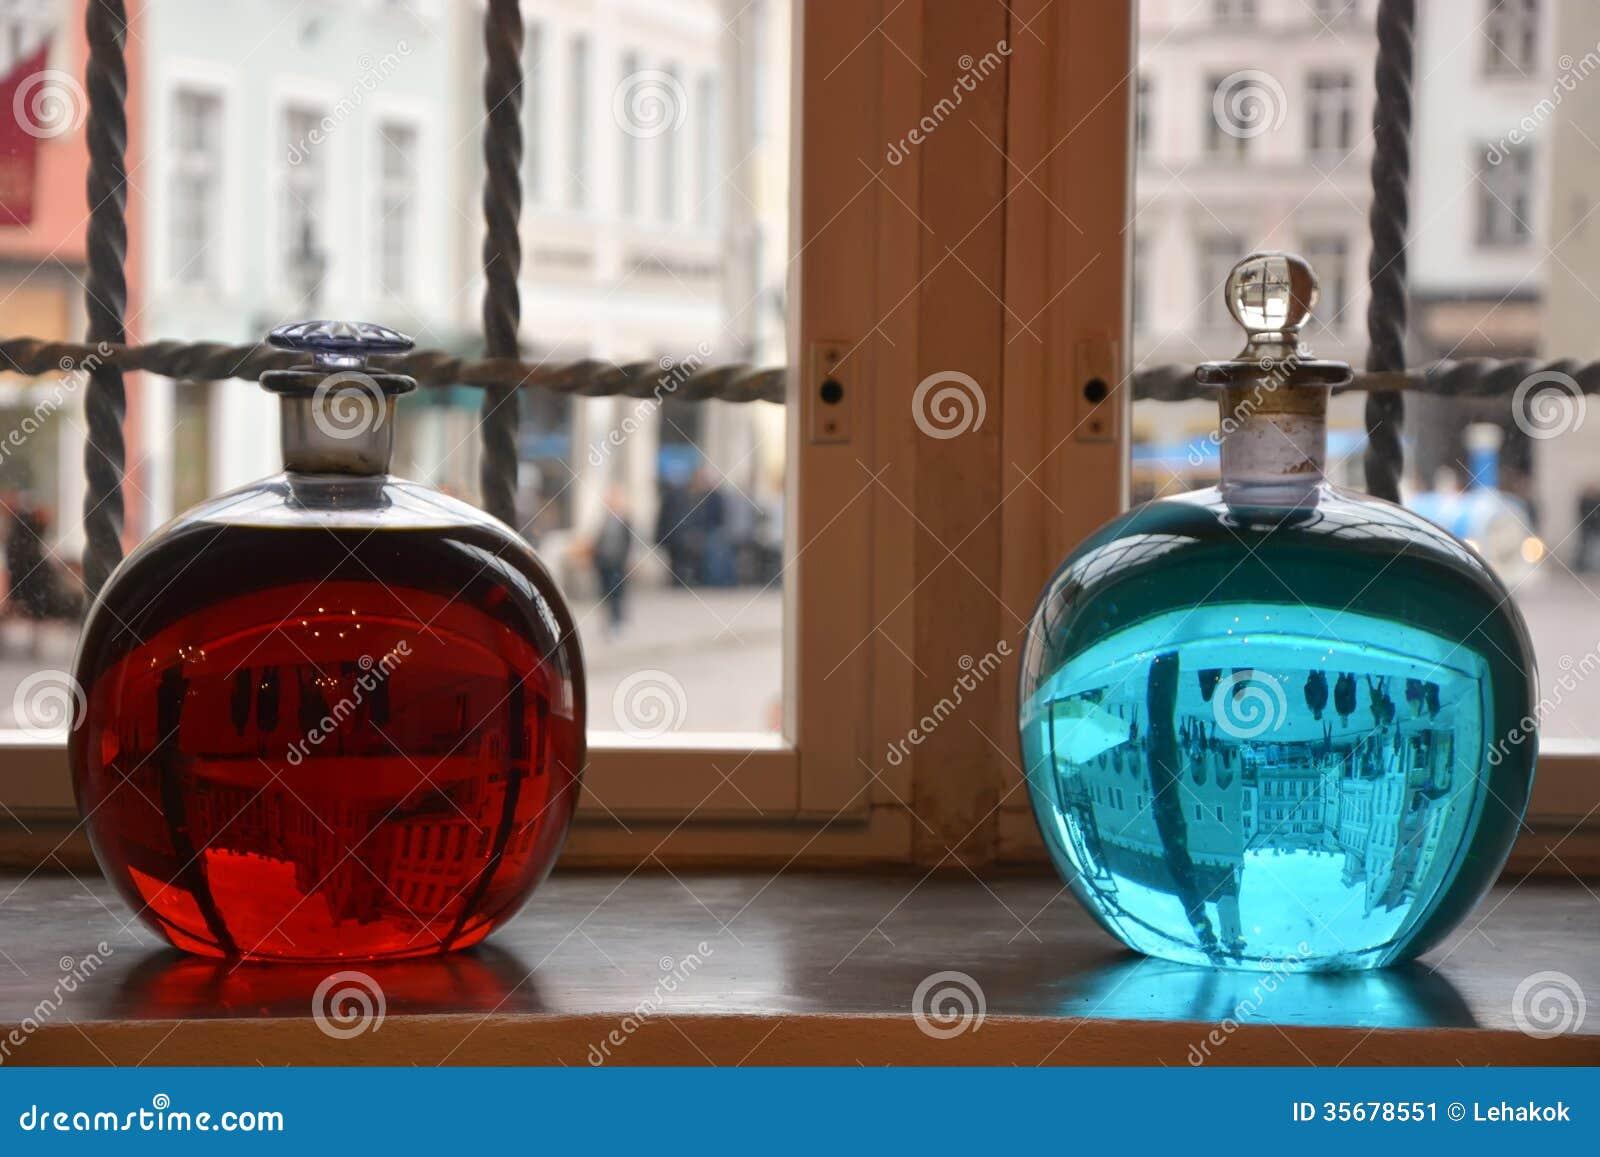 Zwei alchemical Flaschen